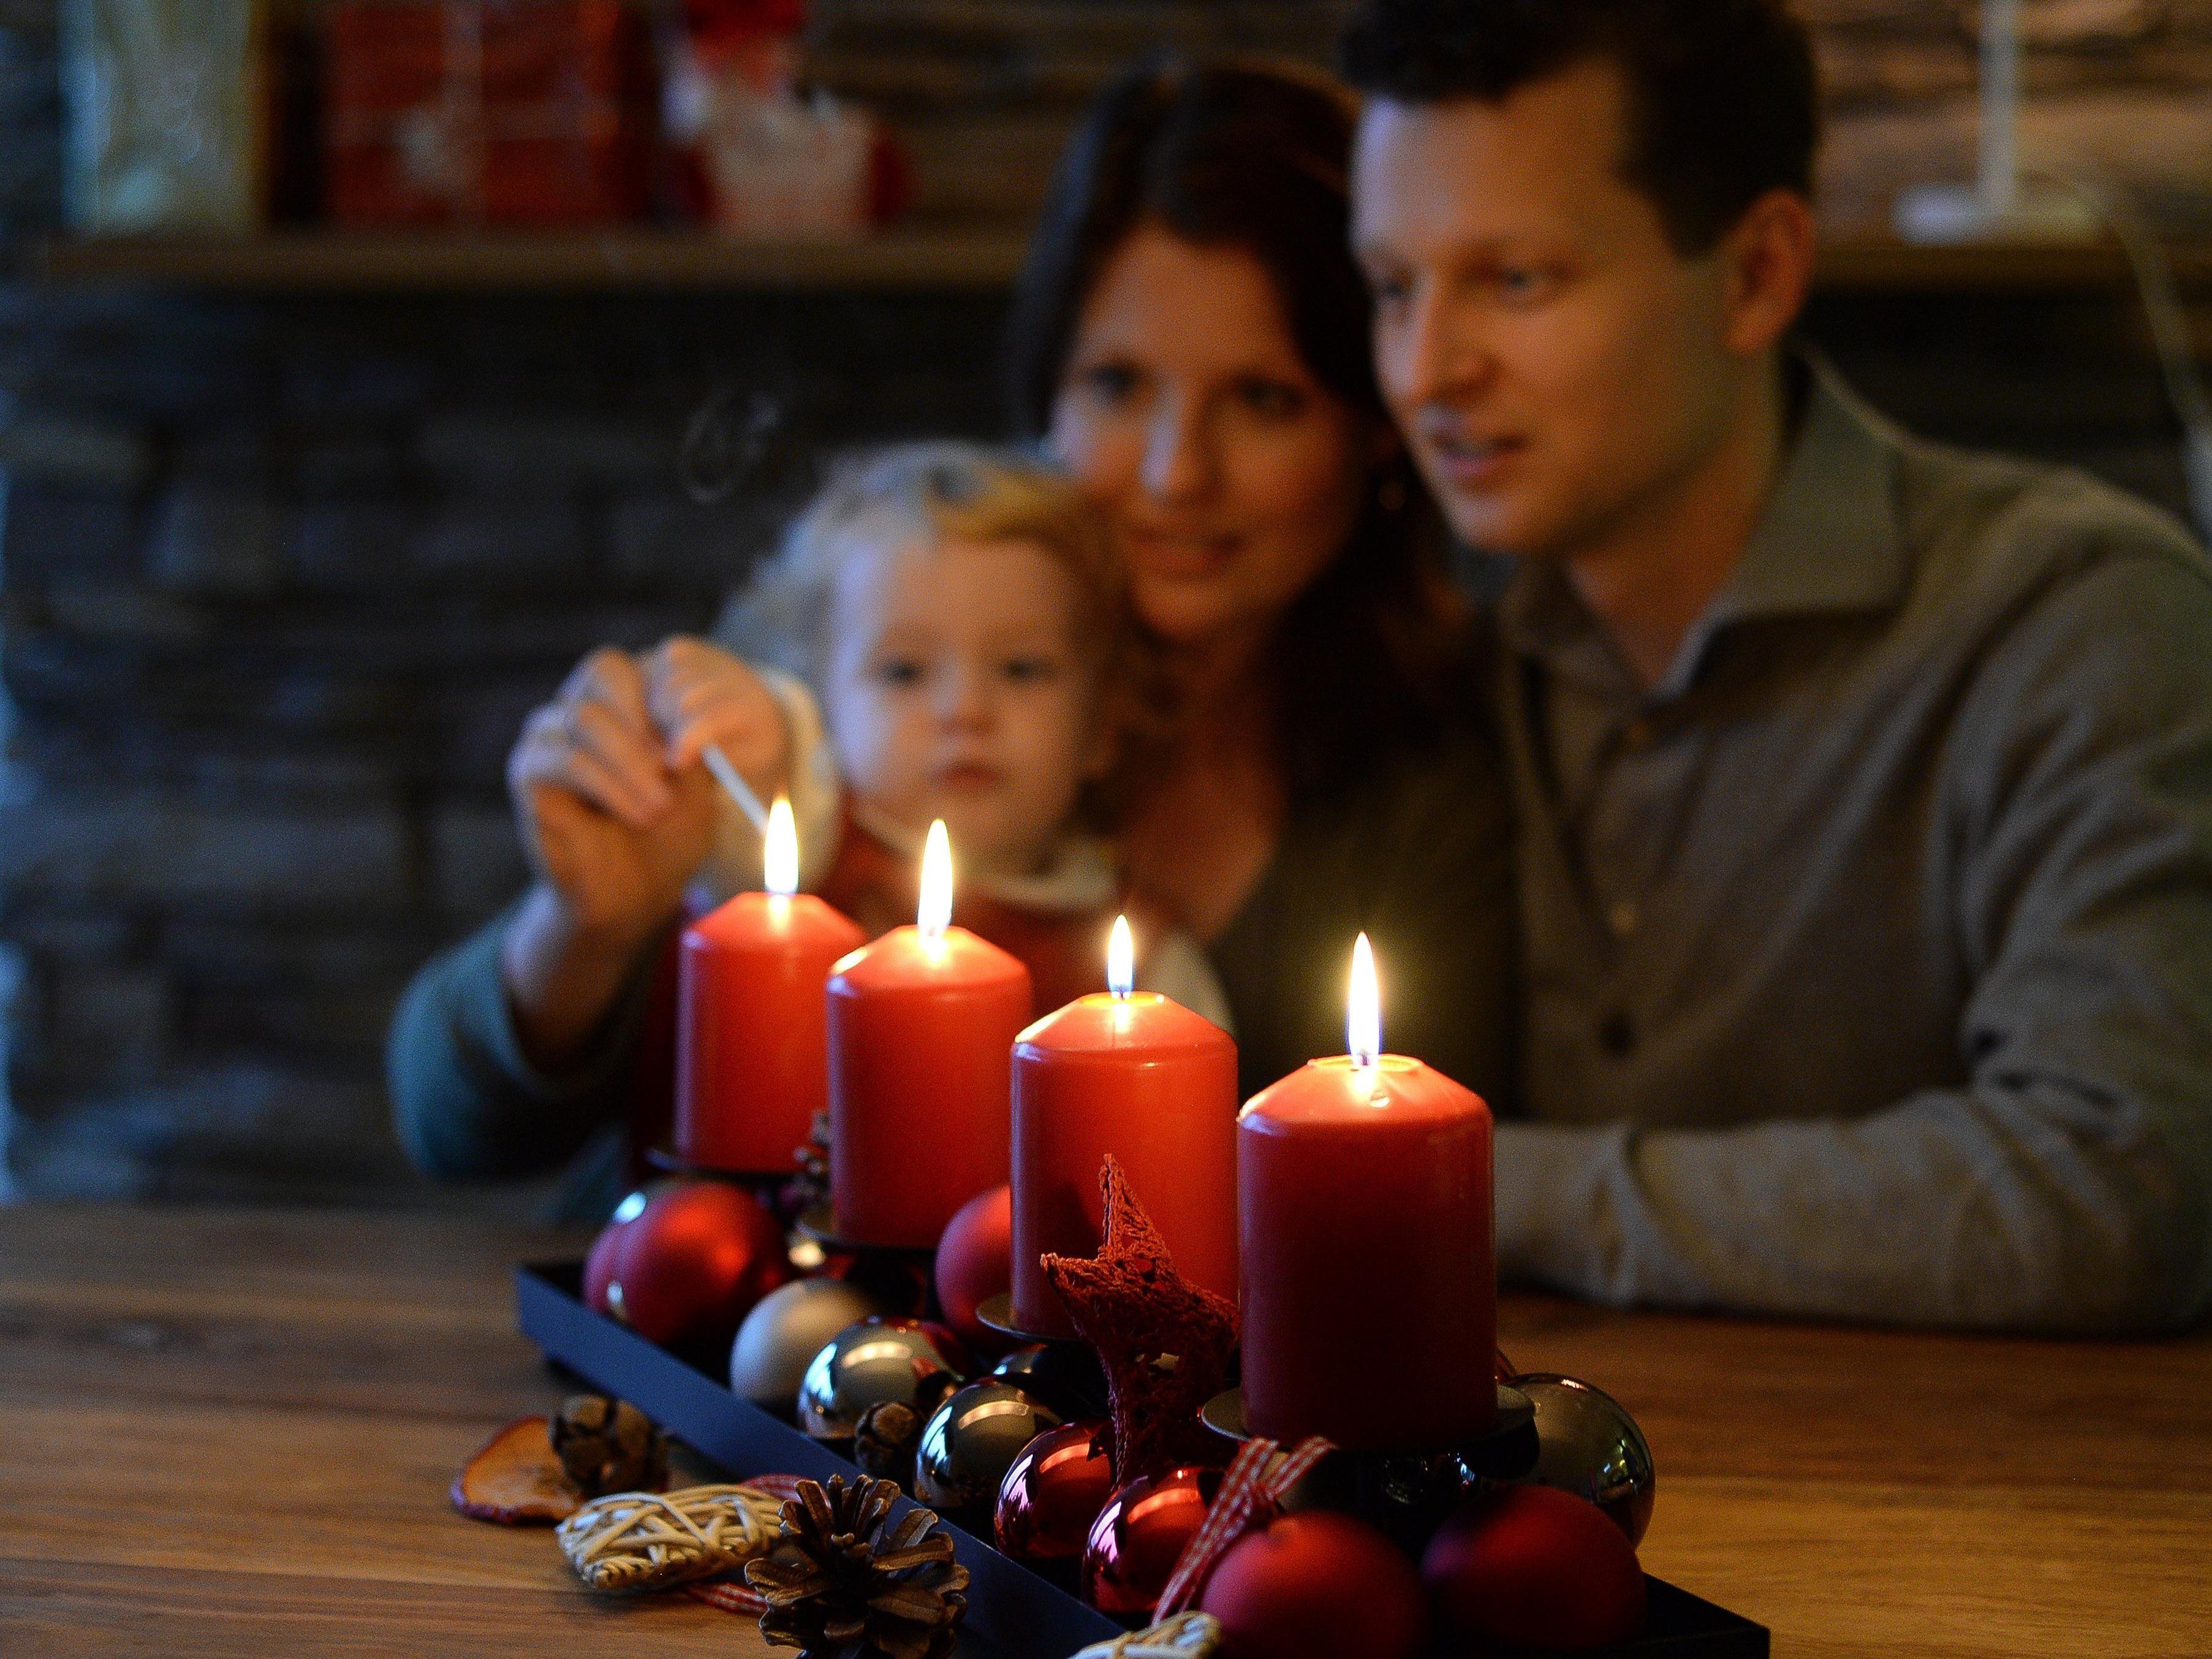 Roland Düringer gibt Tipps für ein ruhiges Weihnachtsfest.